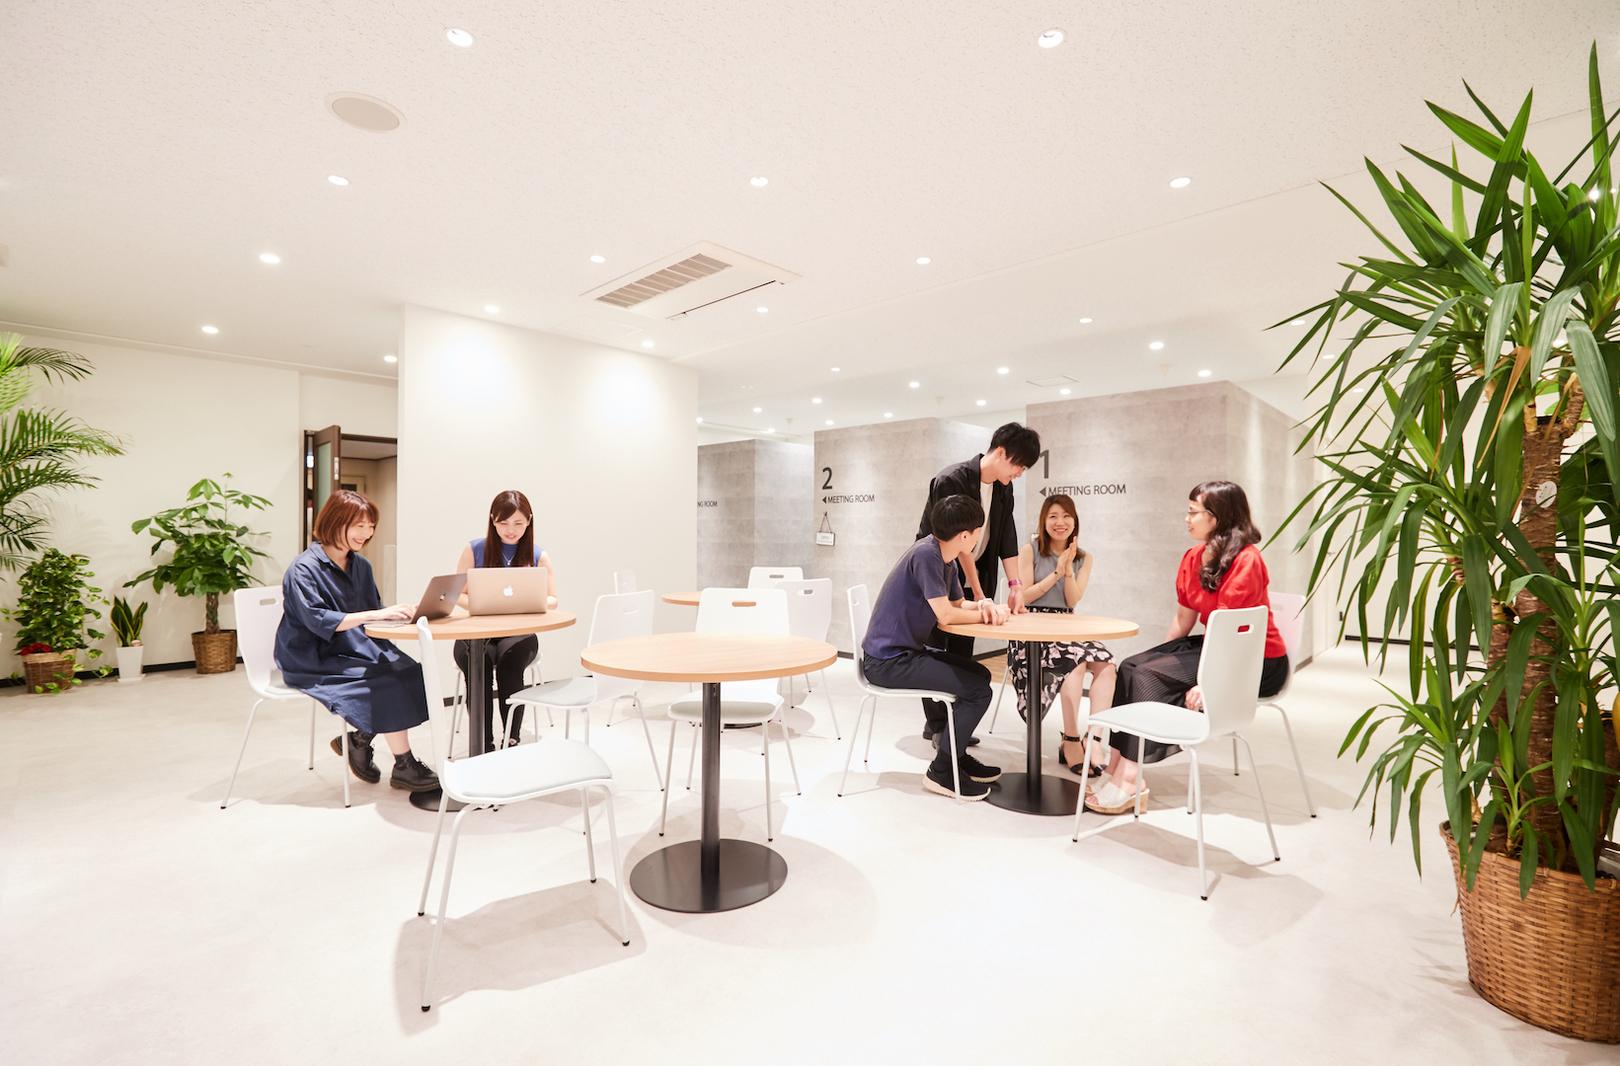 大阪の急成長企業でLineAPIを使ったwebサービス(BtoB)の開発/運用を担うバックエンドエンジニアを募集します!